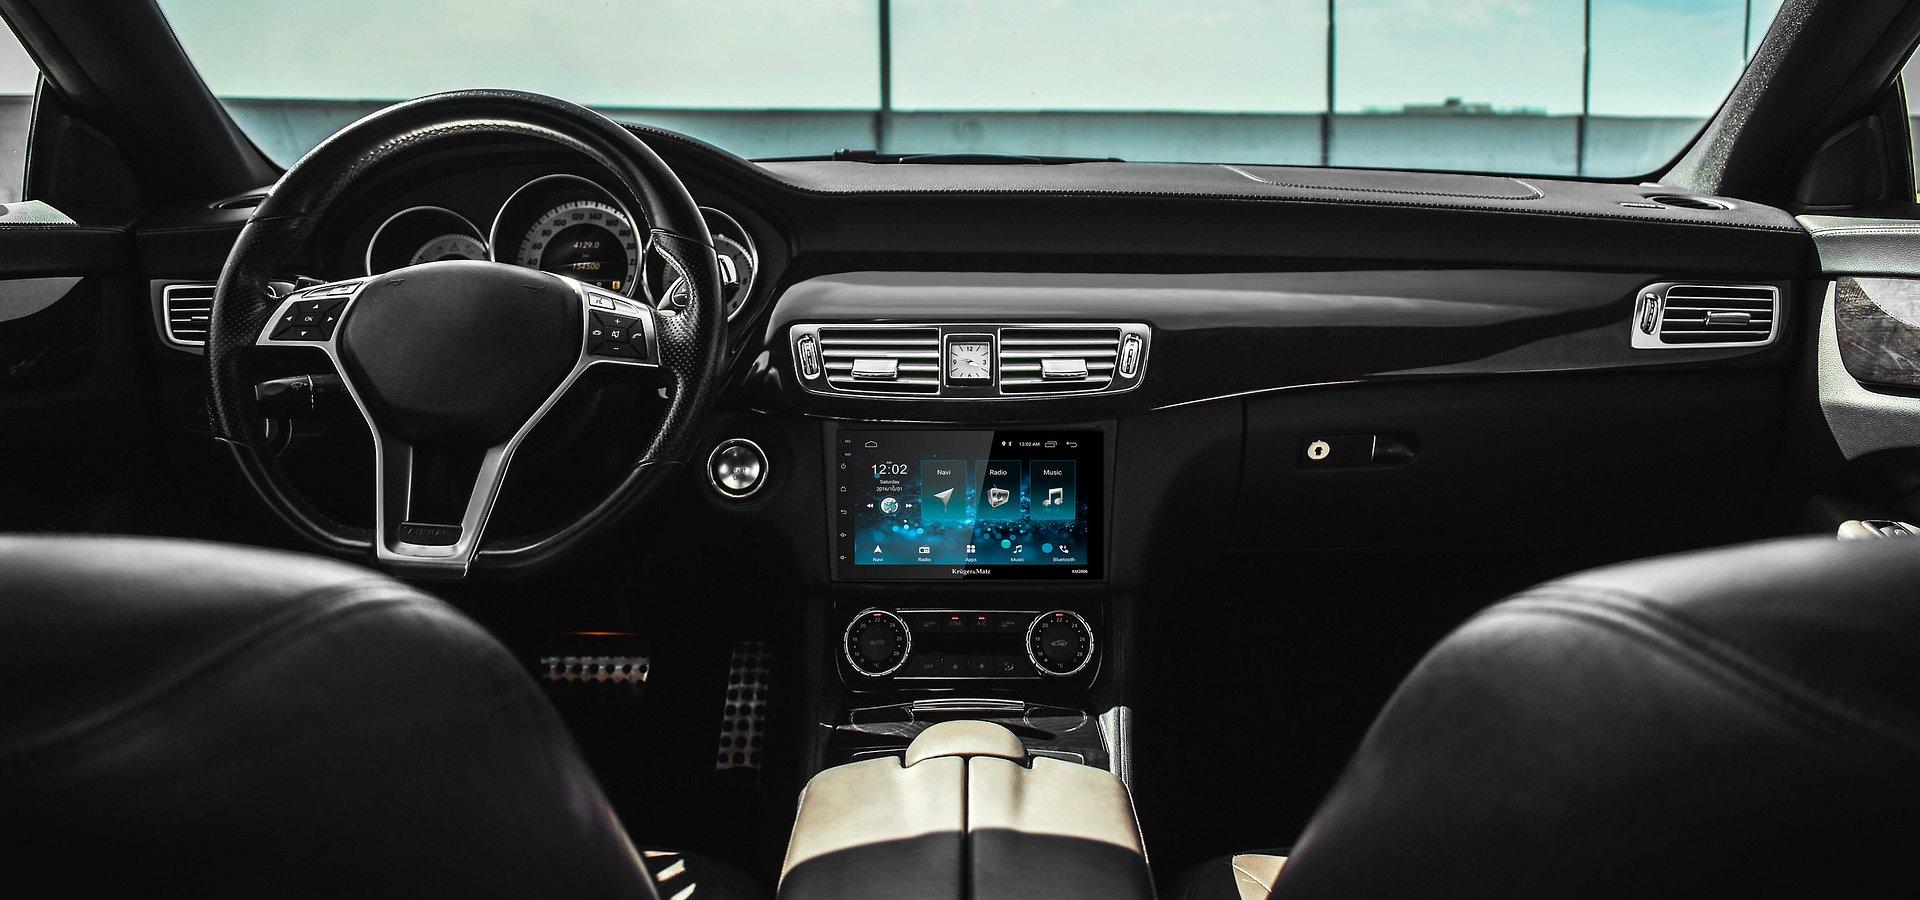 Radio samochodowe z systemem Android 8.1 od Kruger&Matz